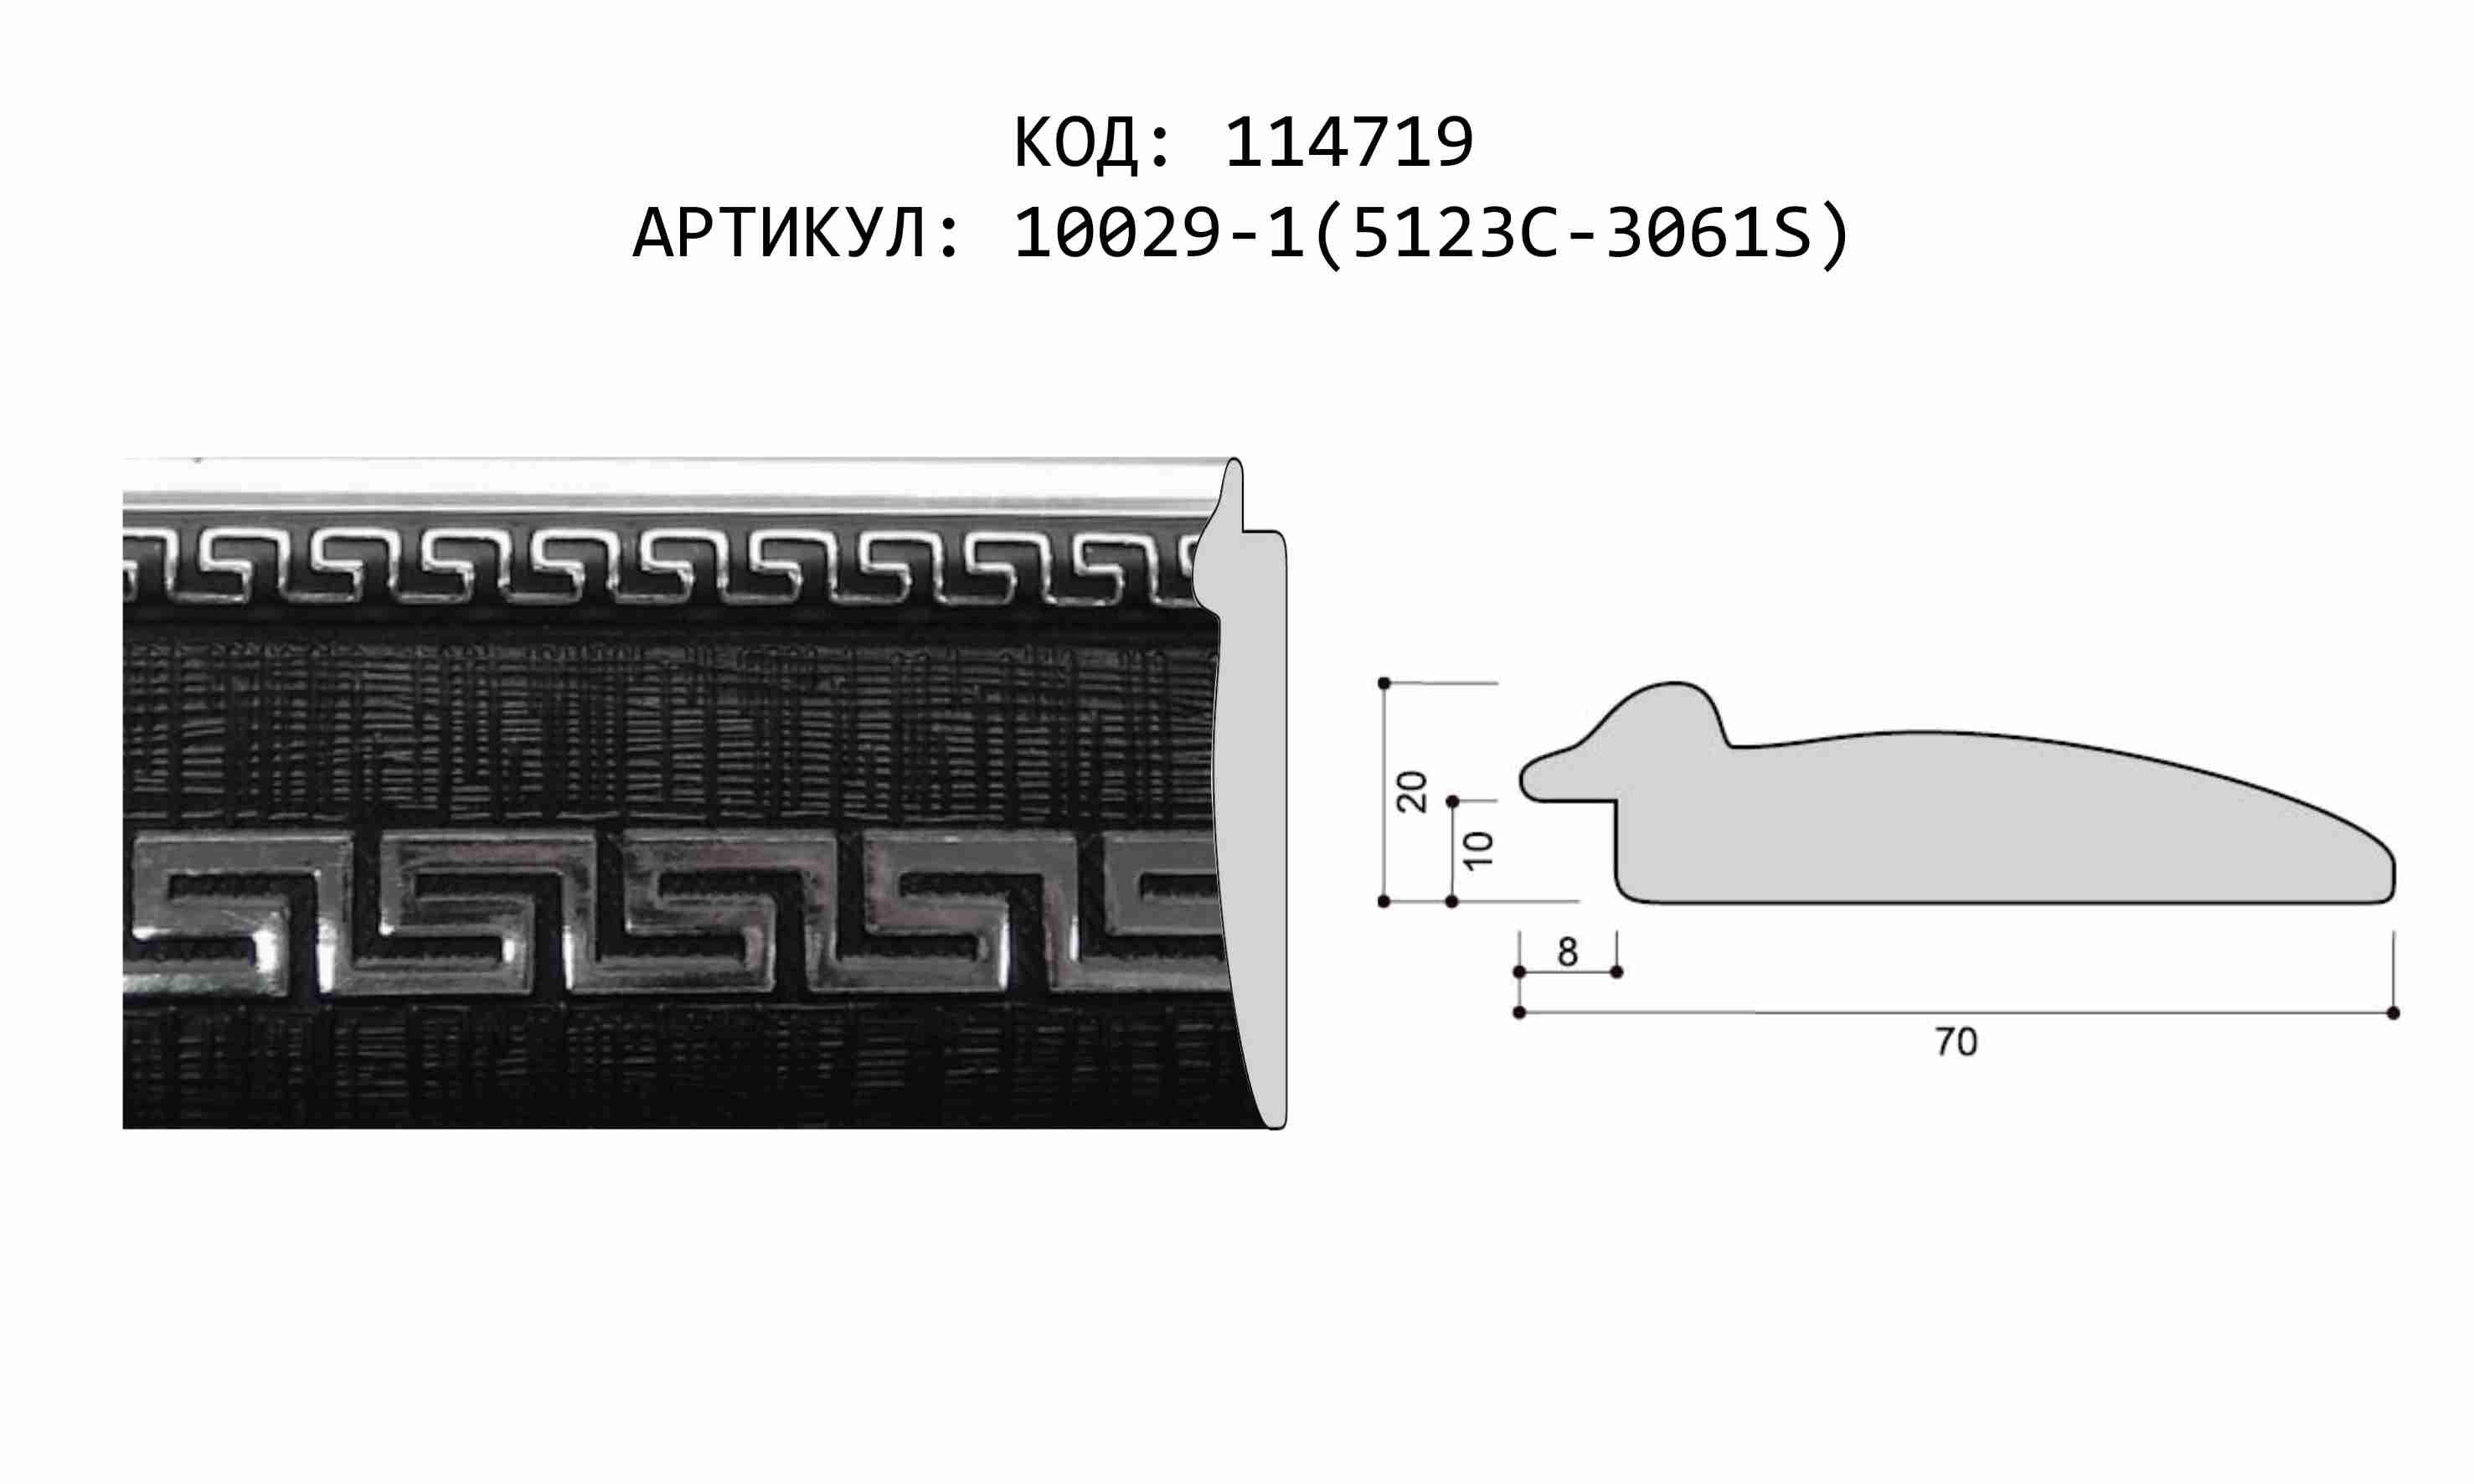 Артикул: 10029-1(5123C-3061S)